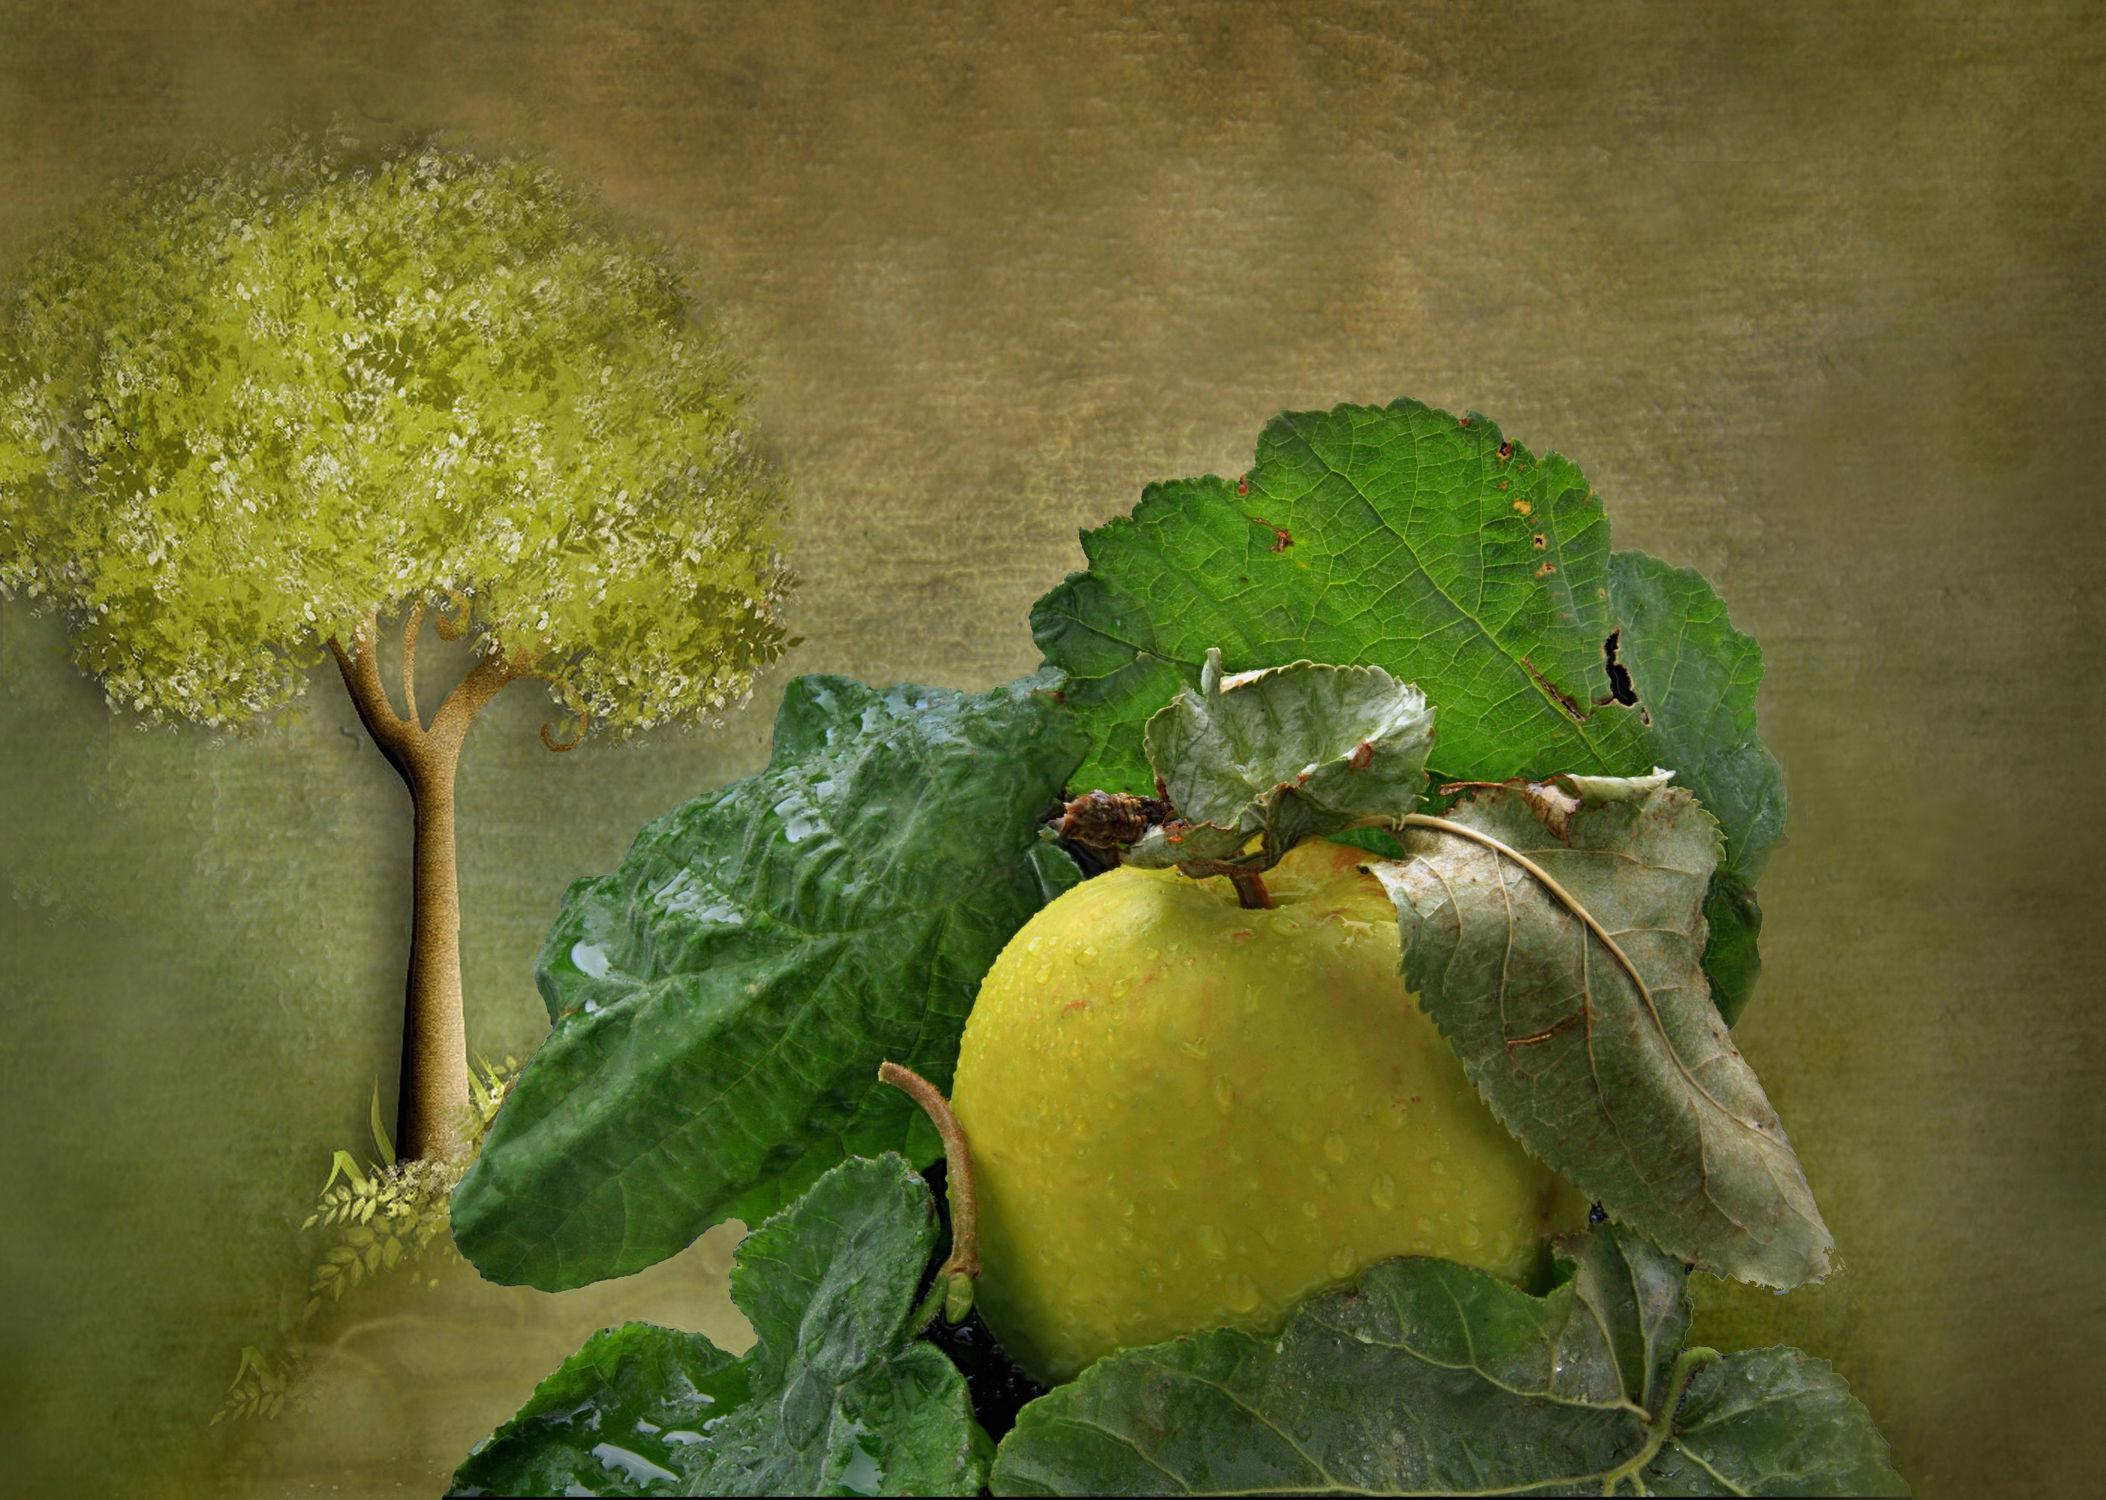 Bild mit Früchte, Essen, Baum, Blätter, Obst, Wassertropfen, Apfel, Apfel